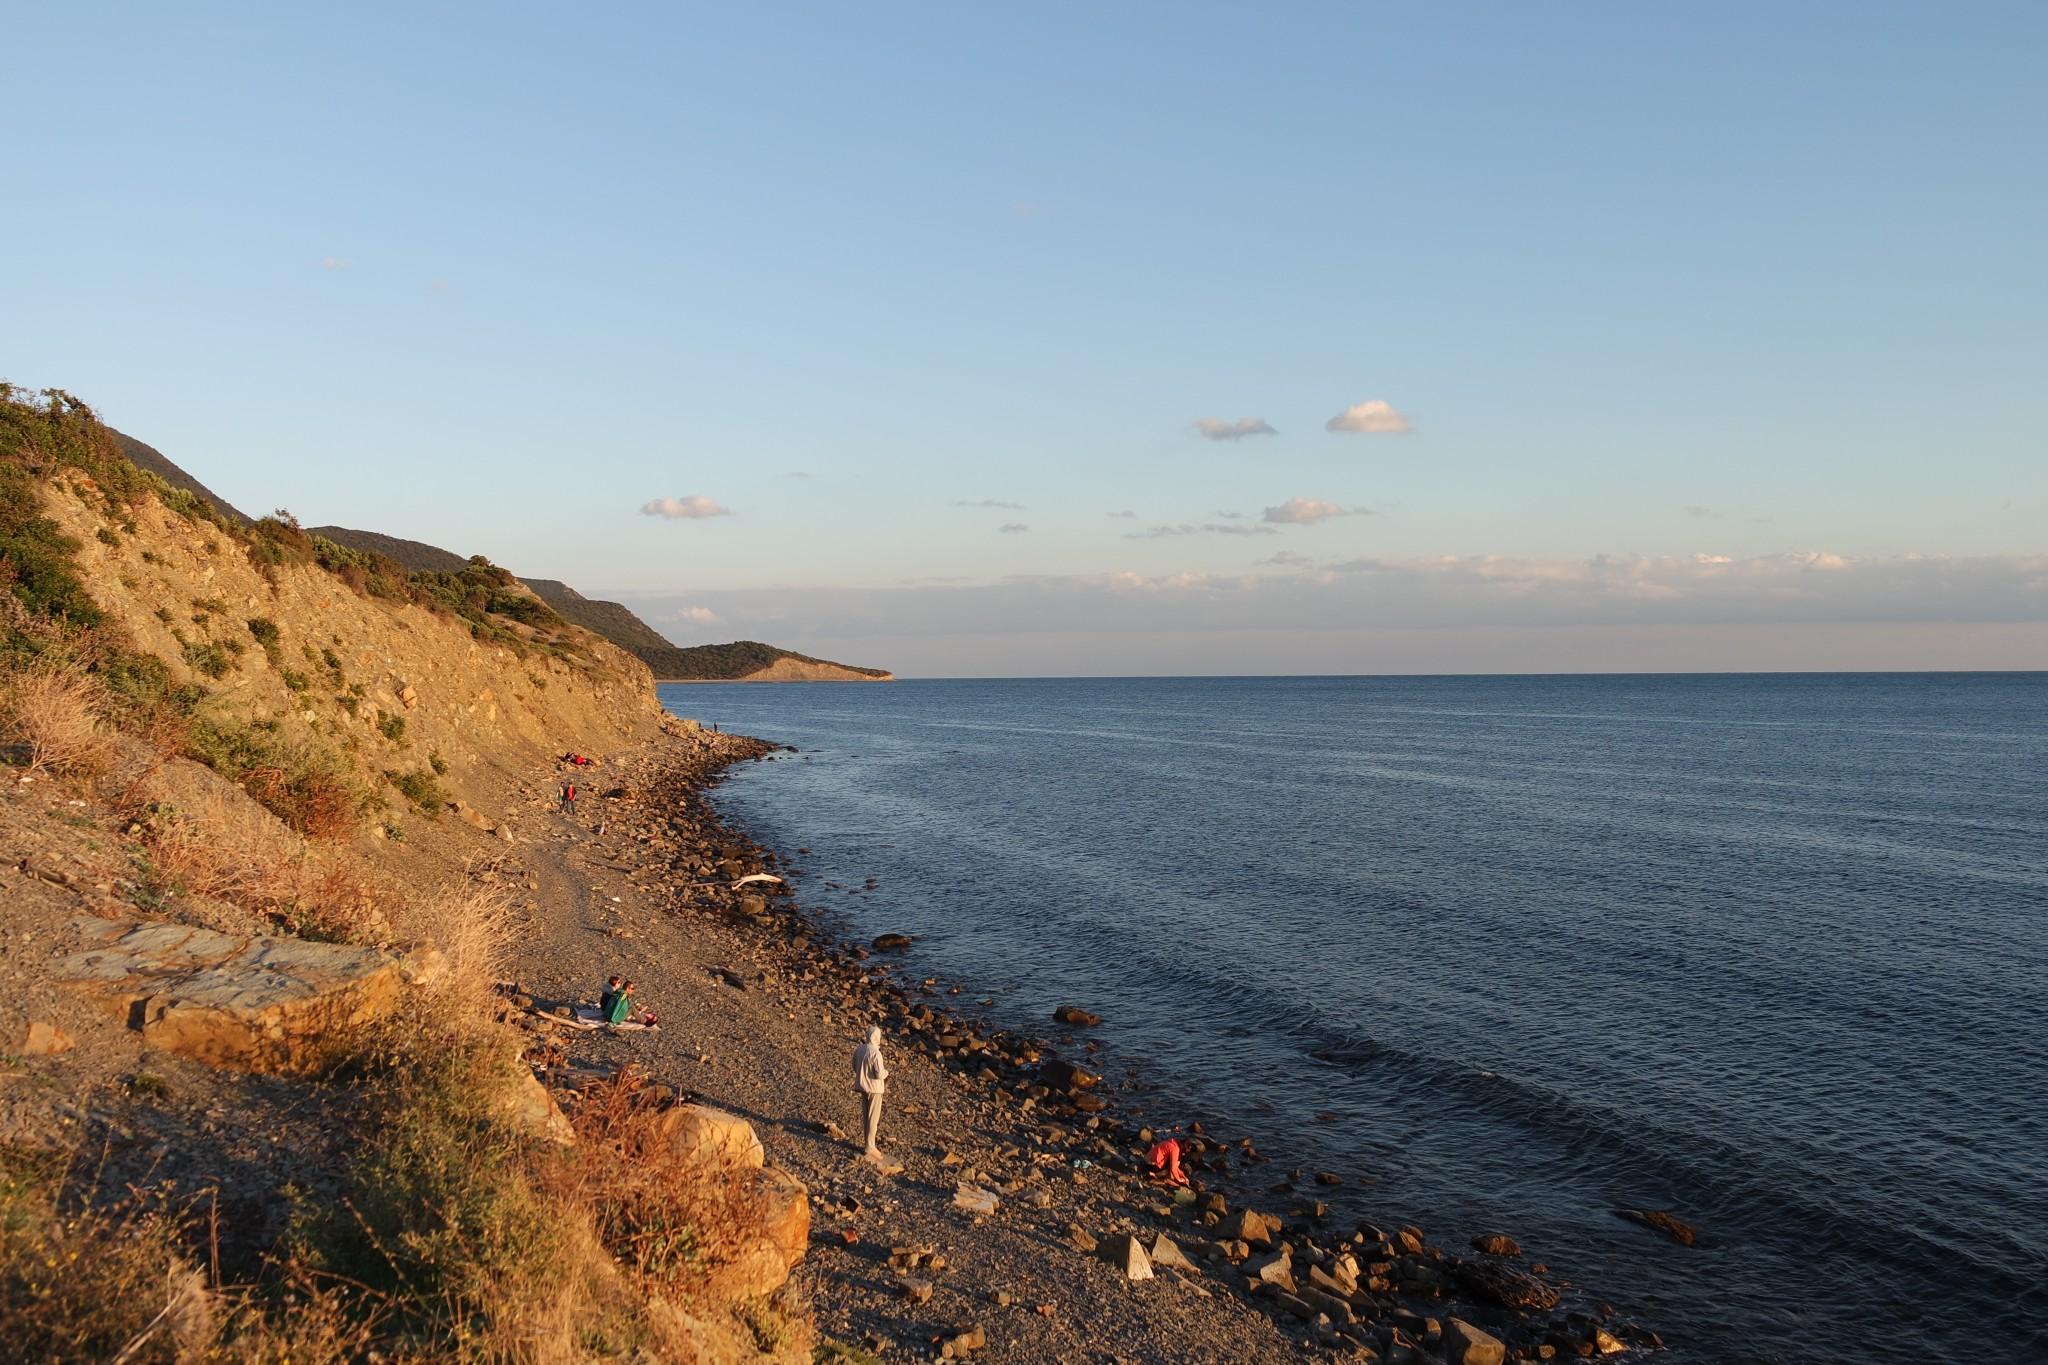 Нудистский Пляж - Большой Утриш - все Фото 45